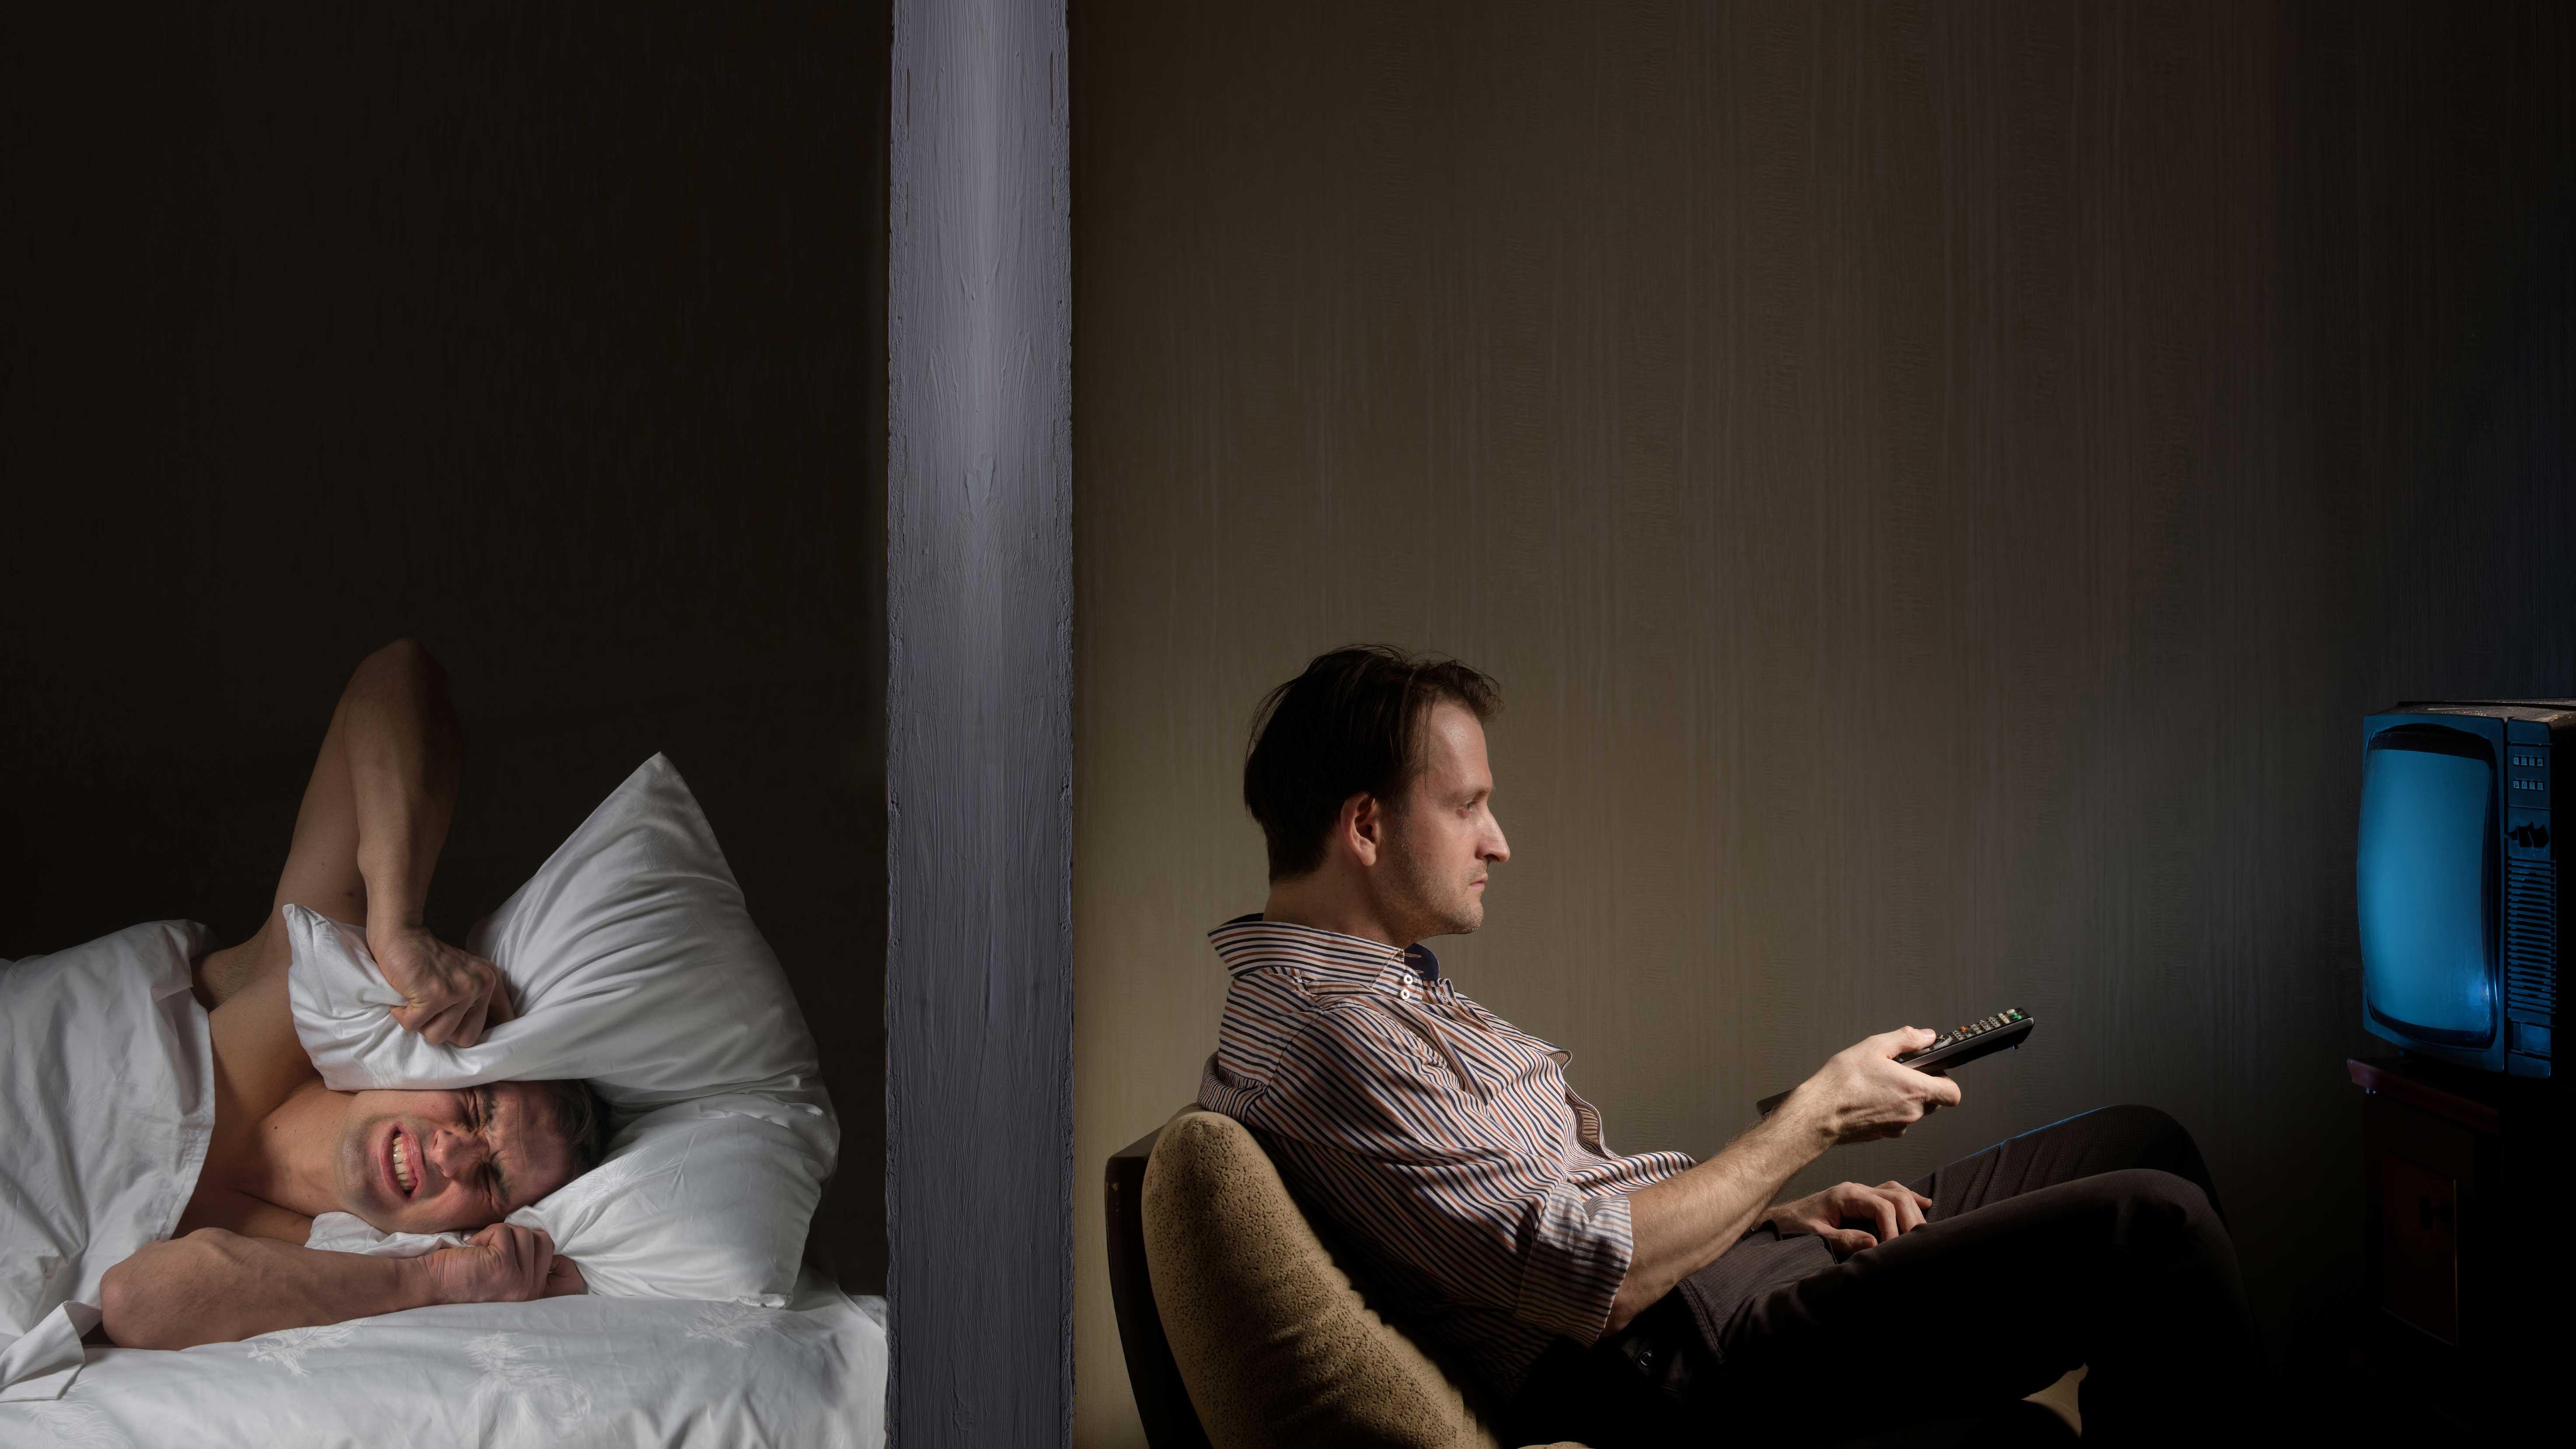 AltText: Werden Ruhezeiten wie die Nachtruhe nicht eingehalten, gilt auch lautes Fernsehen als Lärmbelästigung.